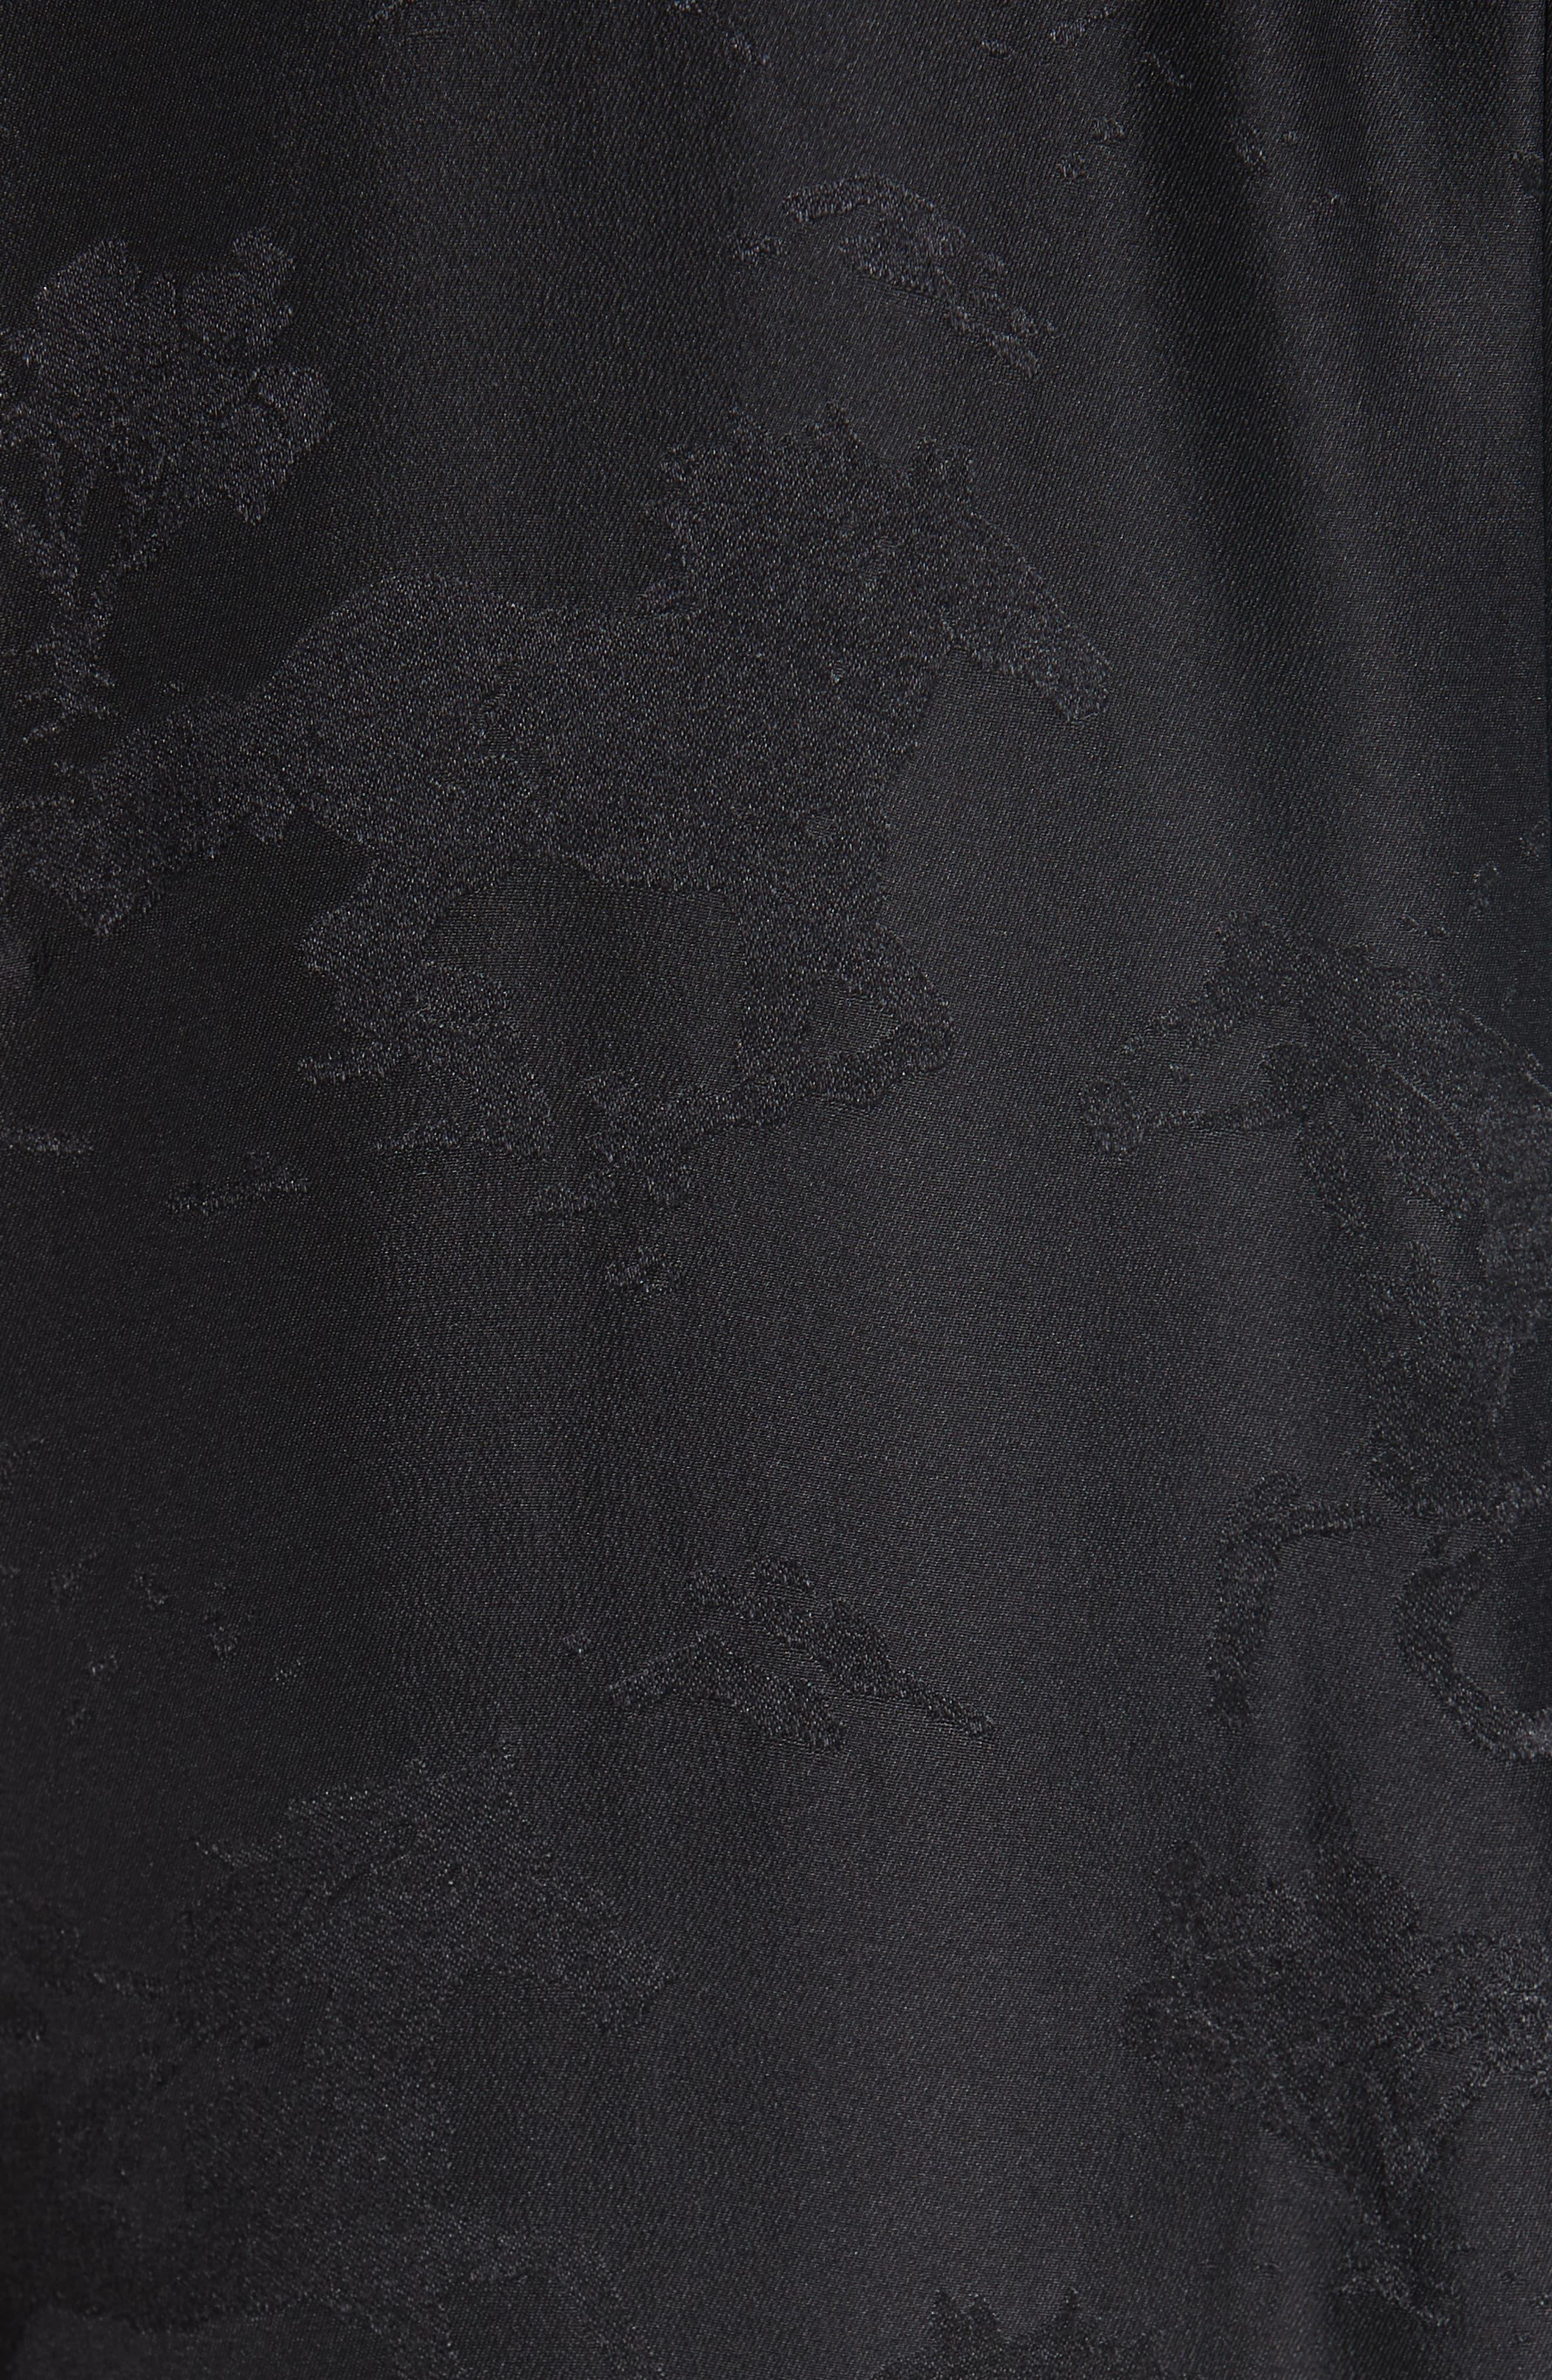 Silk Jacquard Dress,                             Alternate thumbnail 6, color,                             BLACK 099